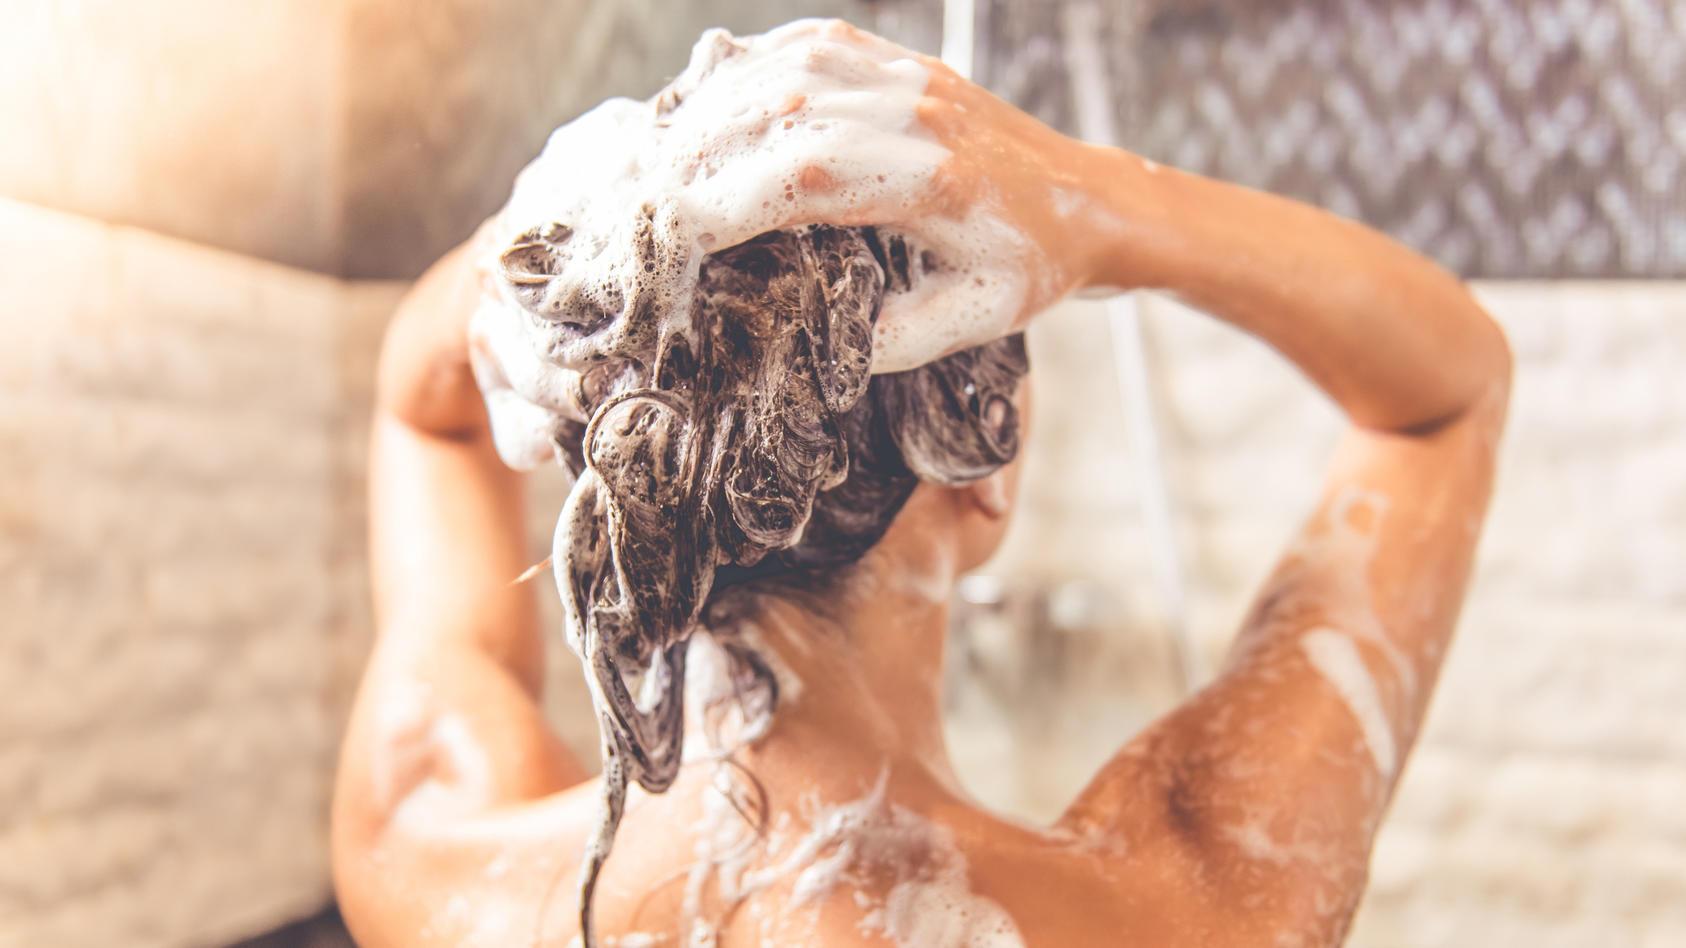 Guter Duft, viel Schaum und ein glänzendes Ergebnis - macht das ein gutes Shampoo aus?